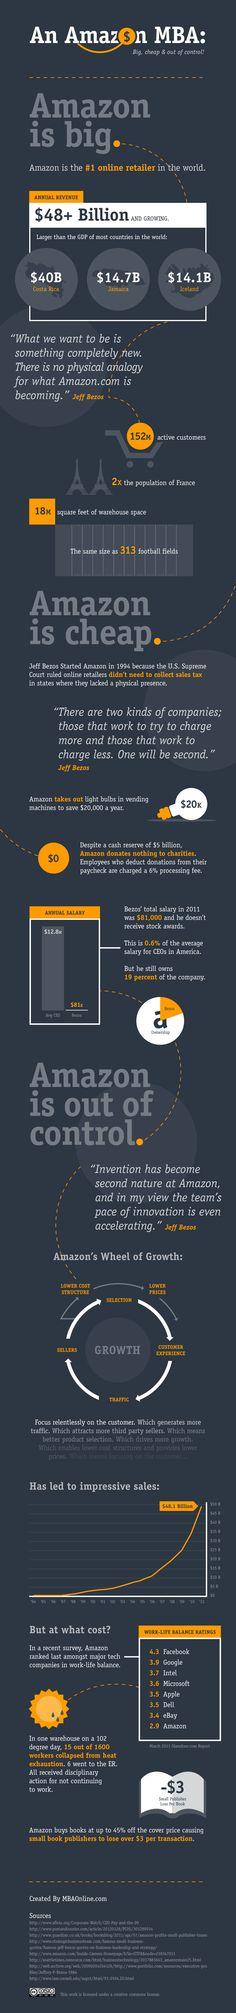 ¿Qué hay detrás de Amazon?